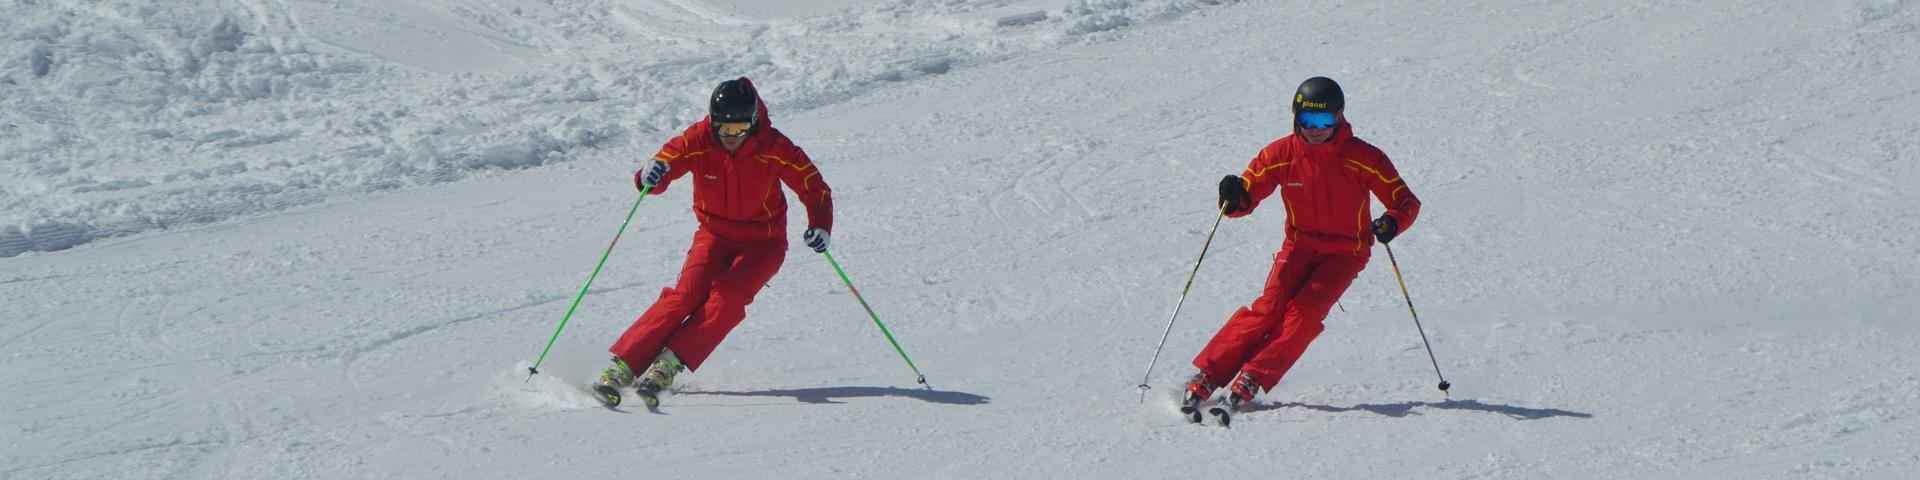 Skischule Amadeus